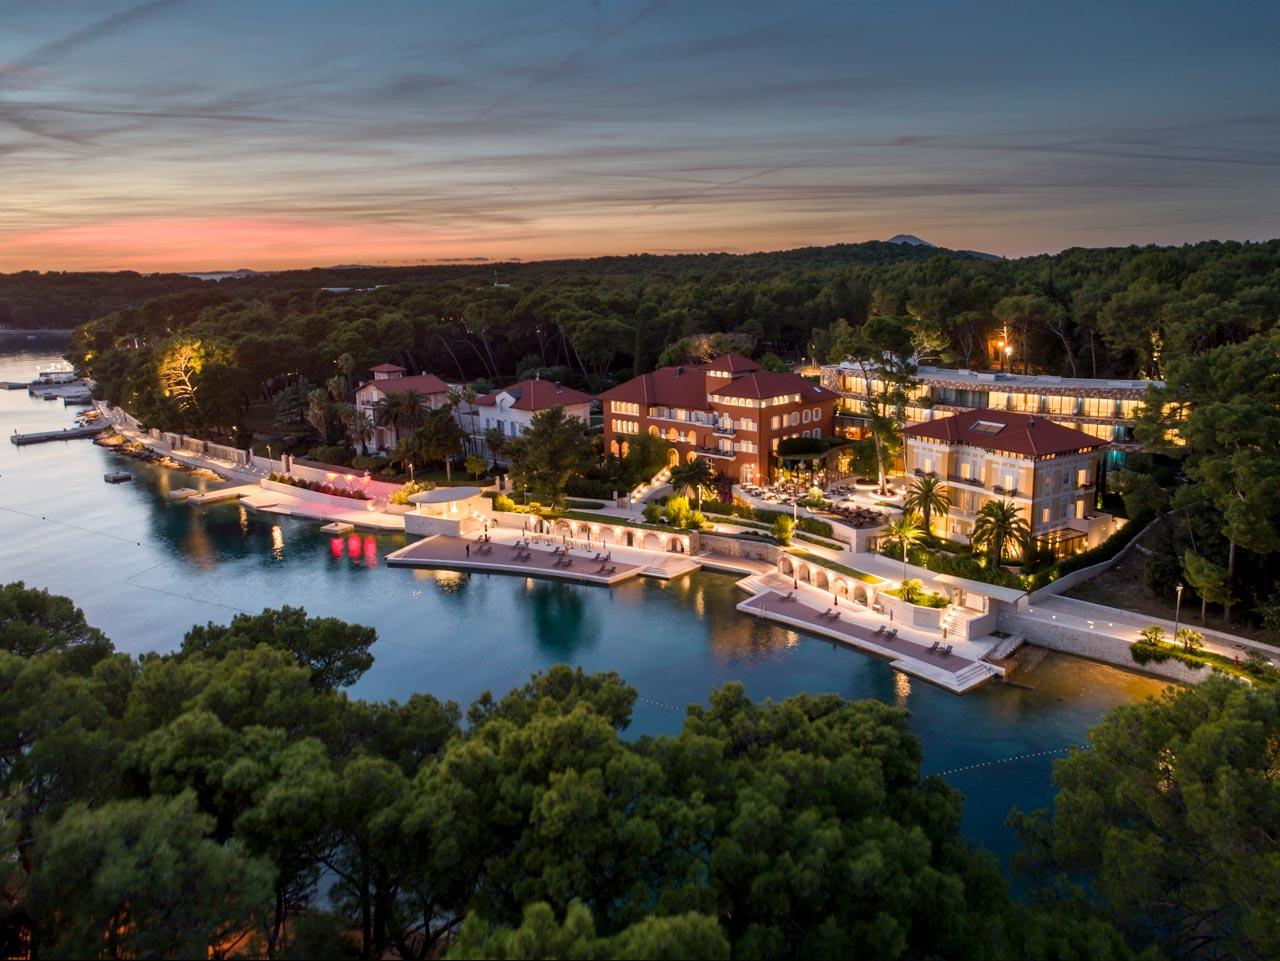 Panoramska fotografija hotela